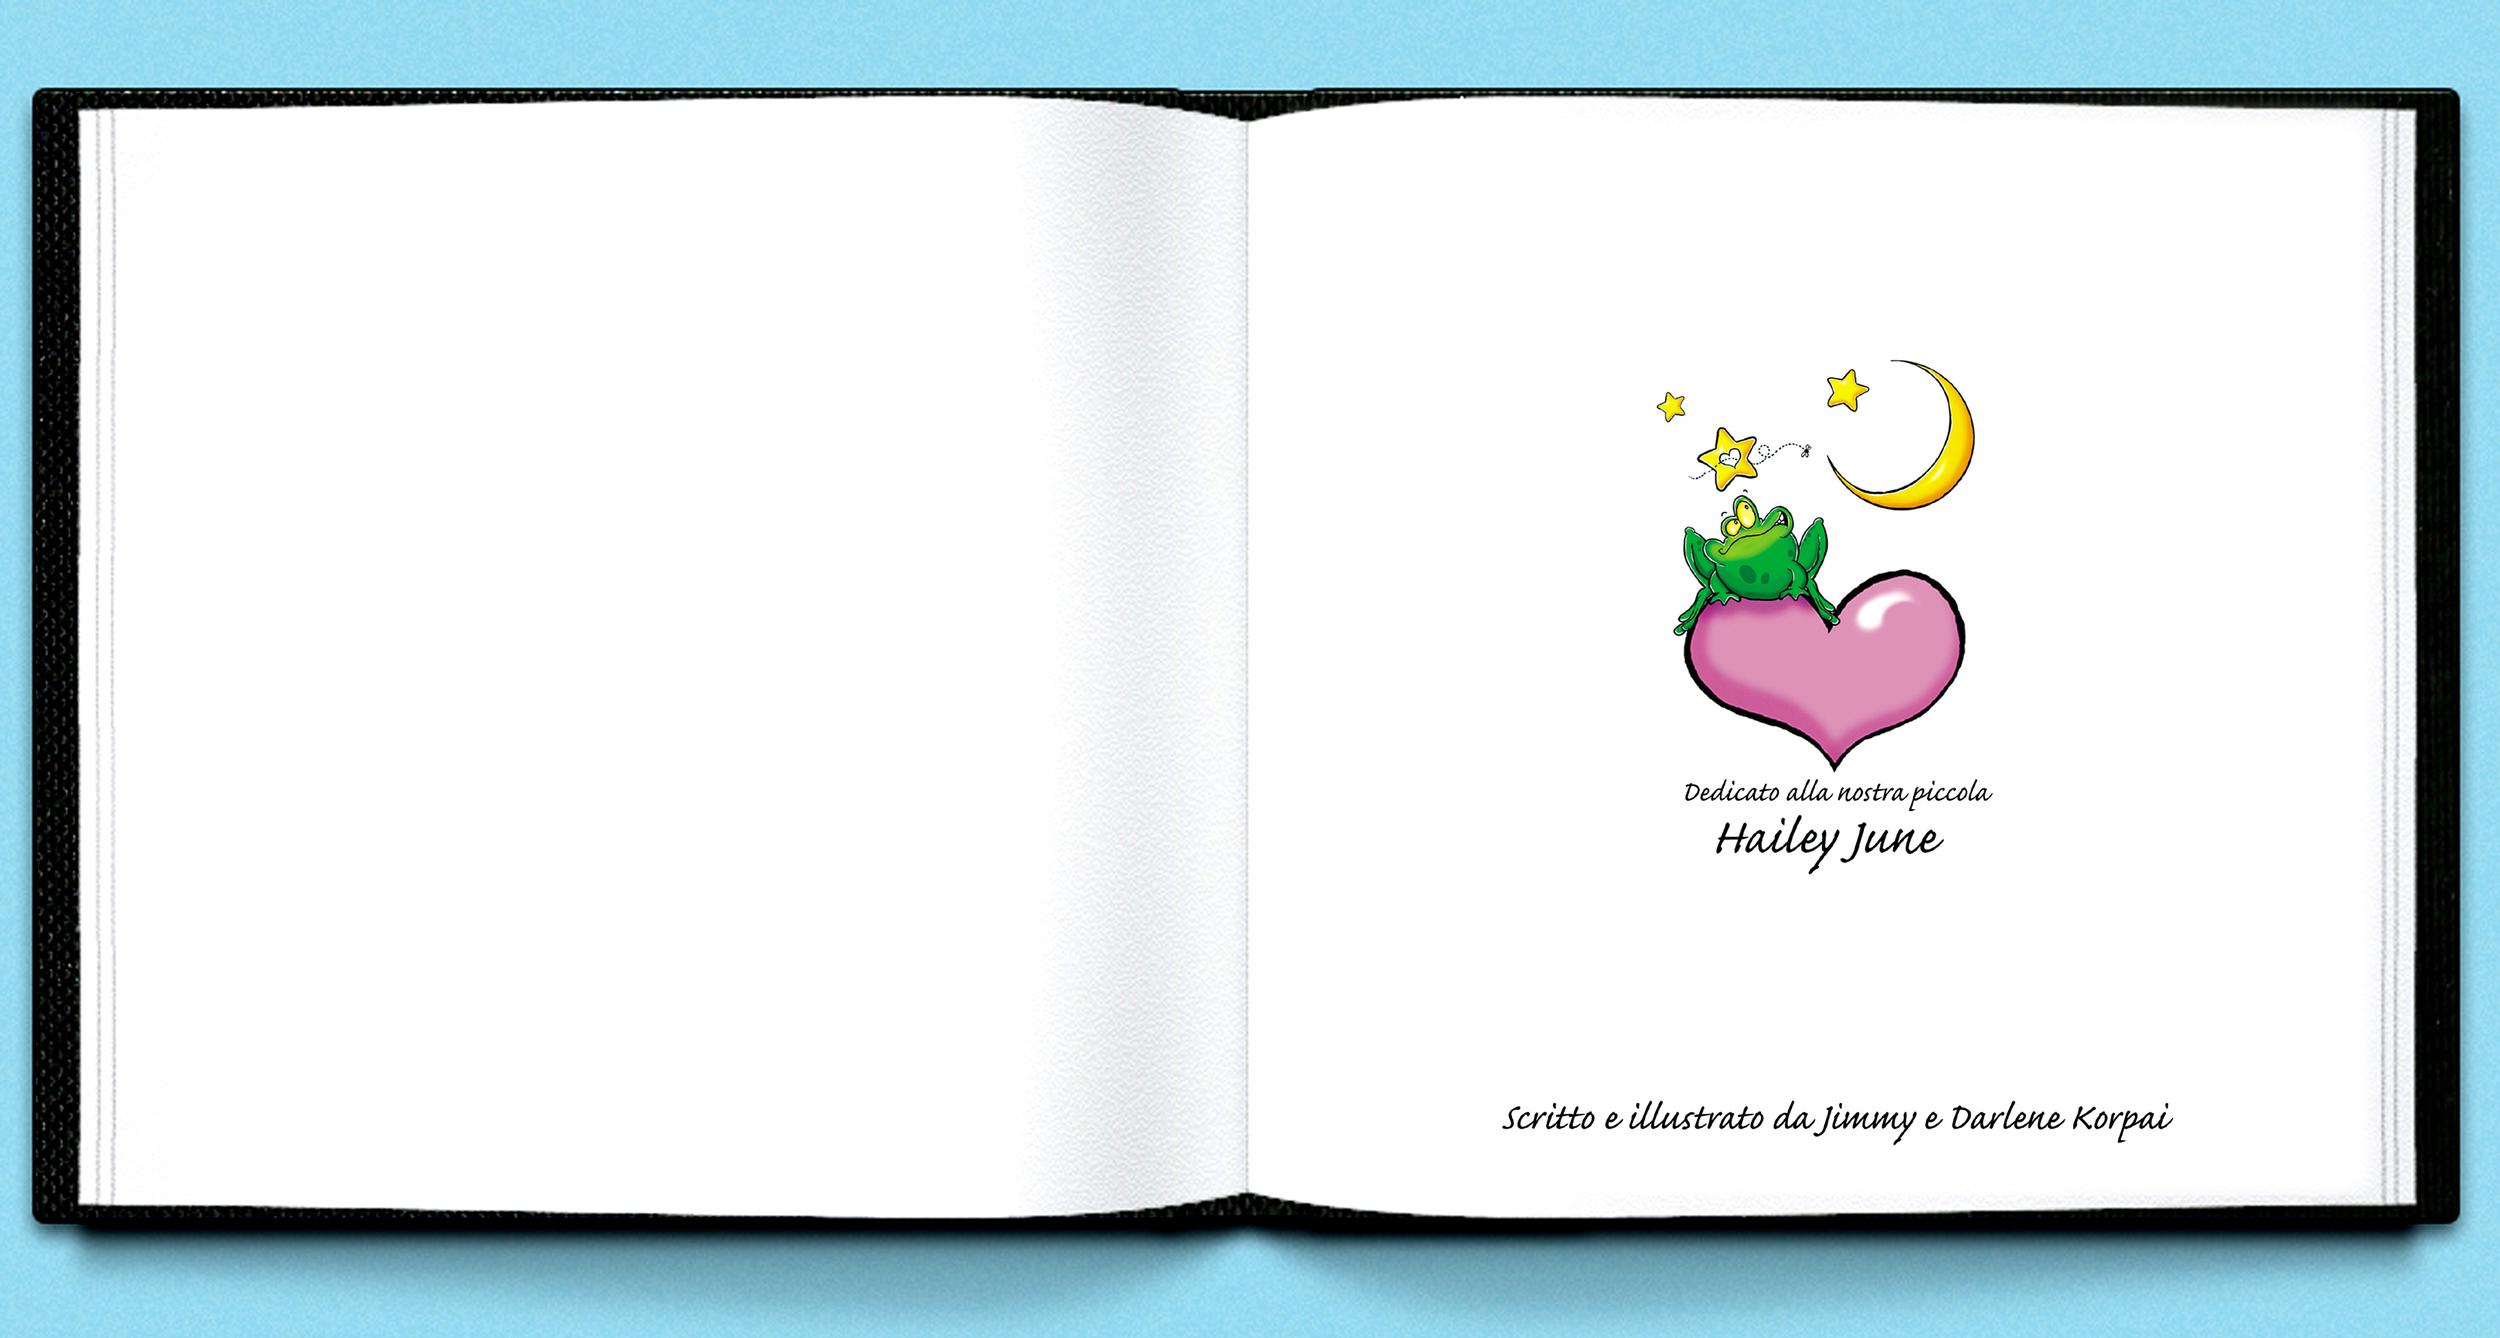 BOOK UD Ital 1.jpg